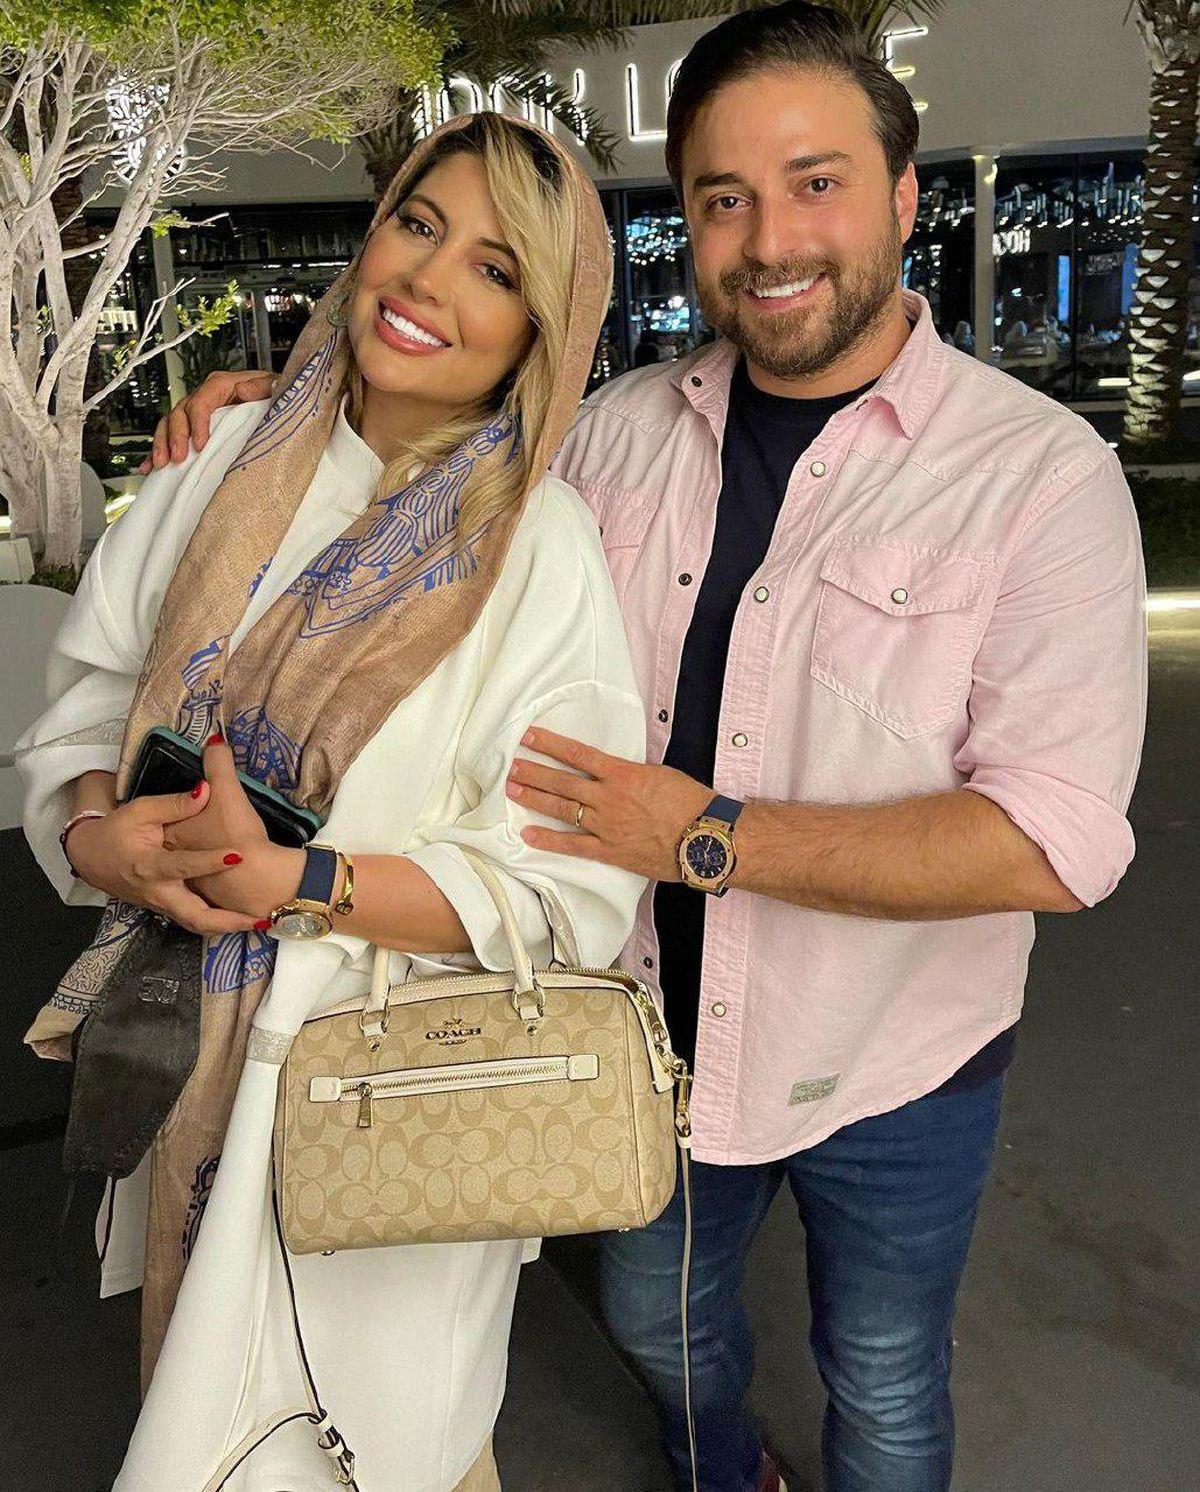 عکس عاشقانه بابک جهانبخش و همسرش در مکانی لوکس